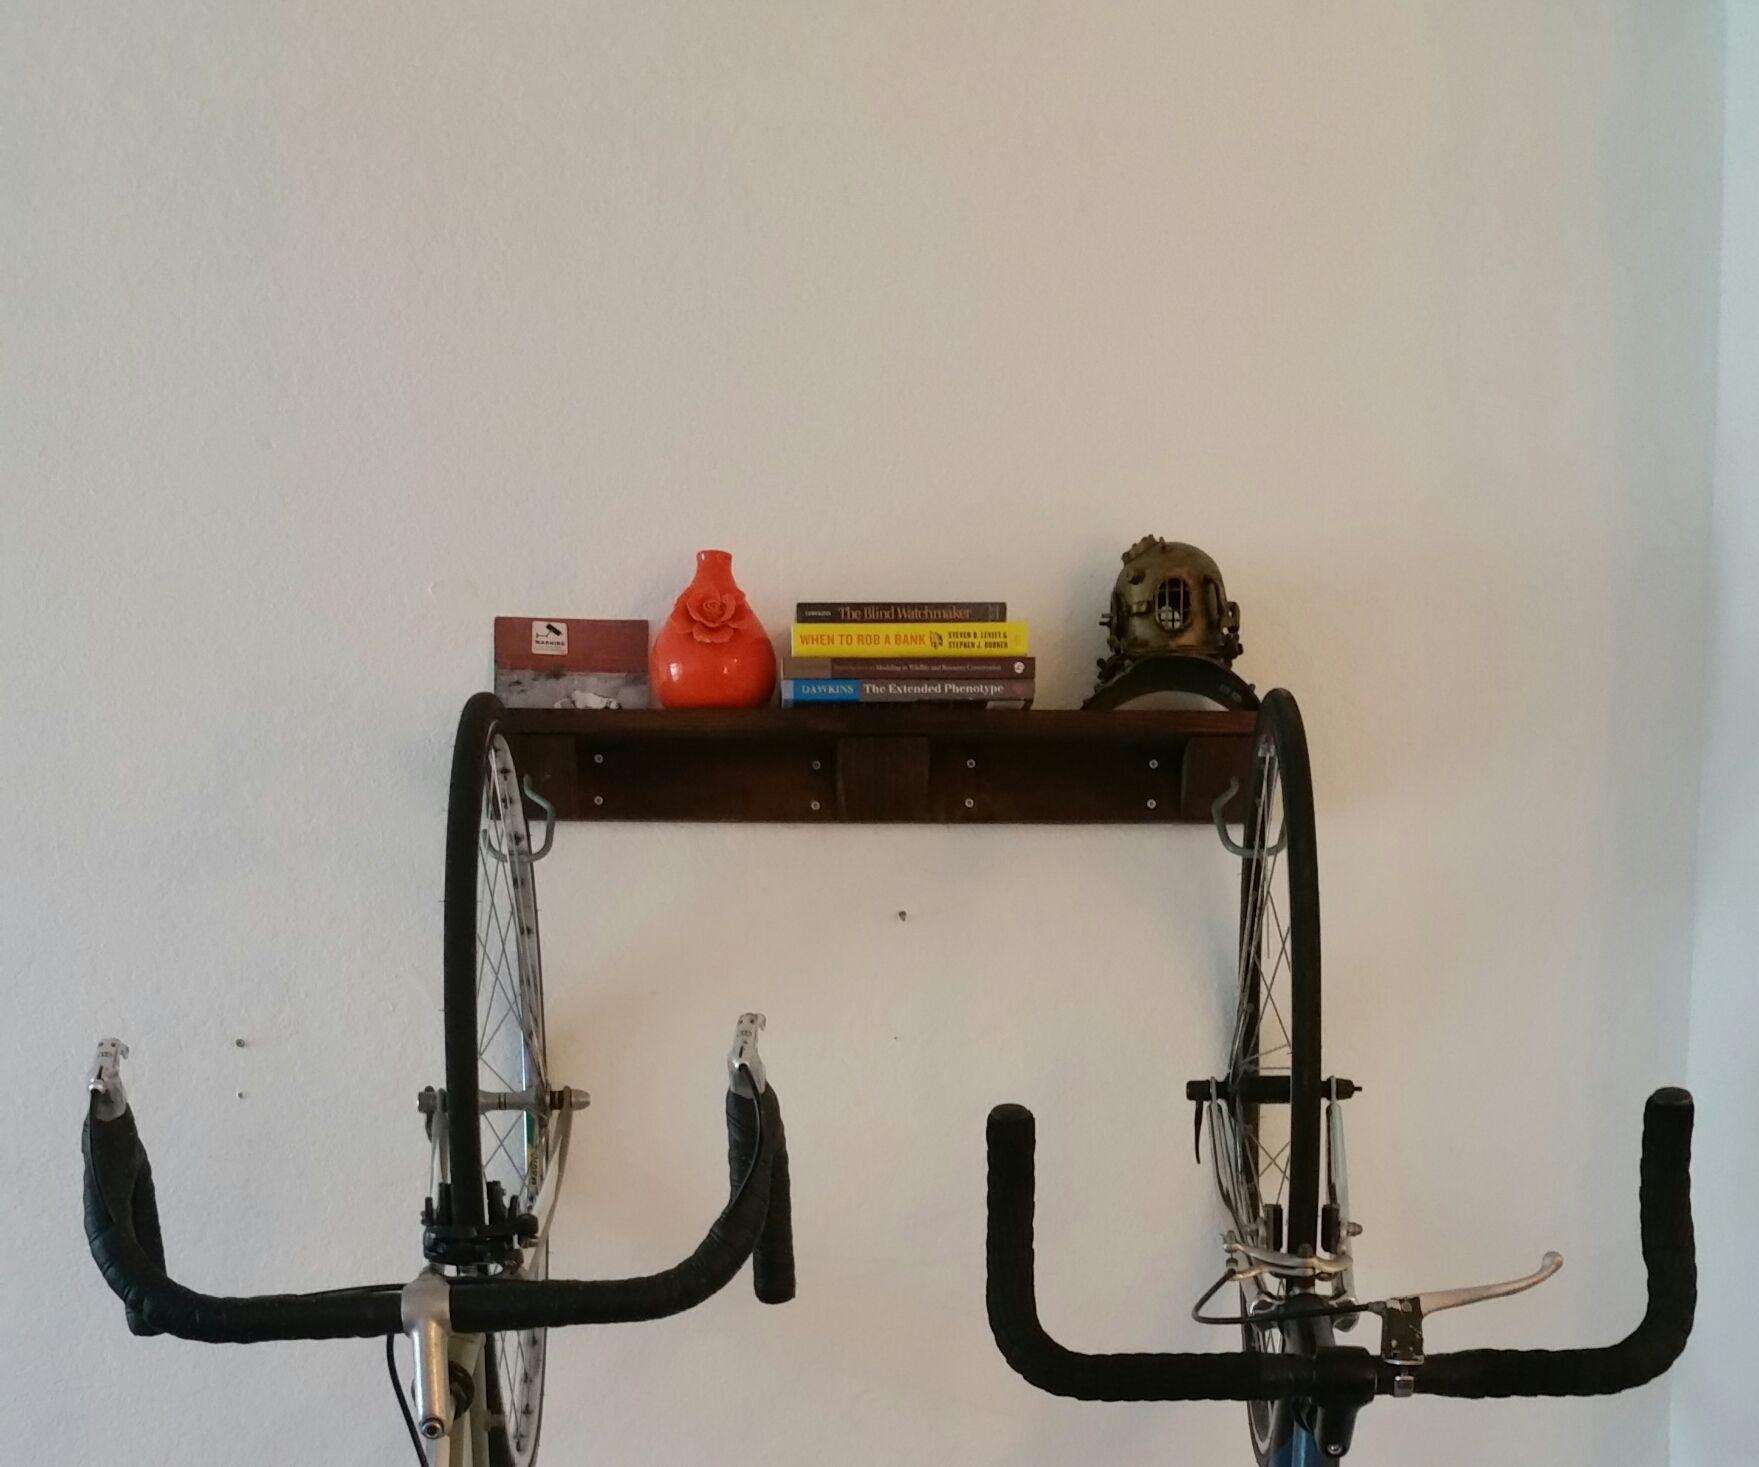 Bike Rack Shelf